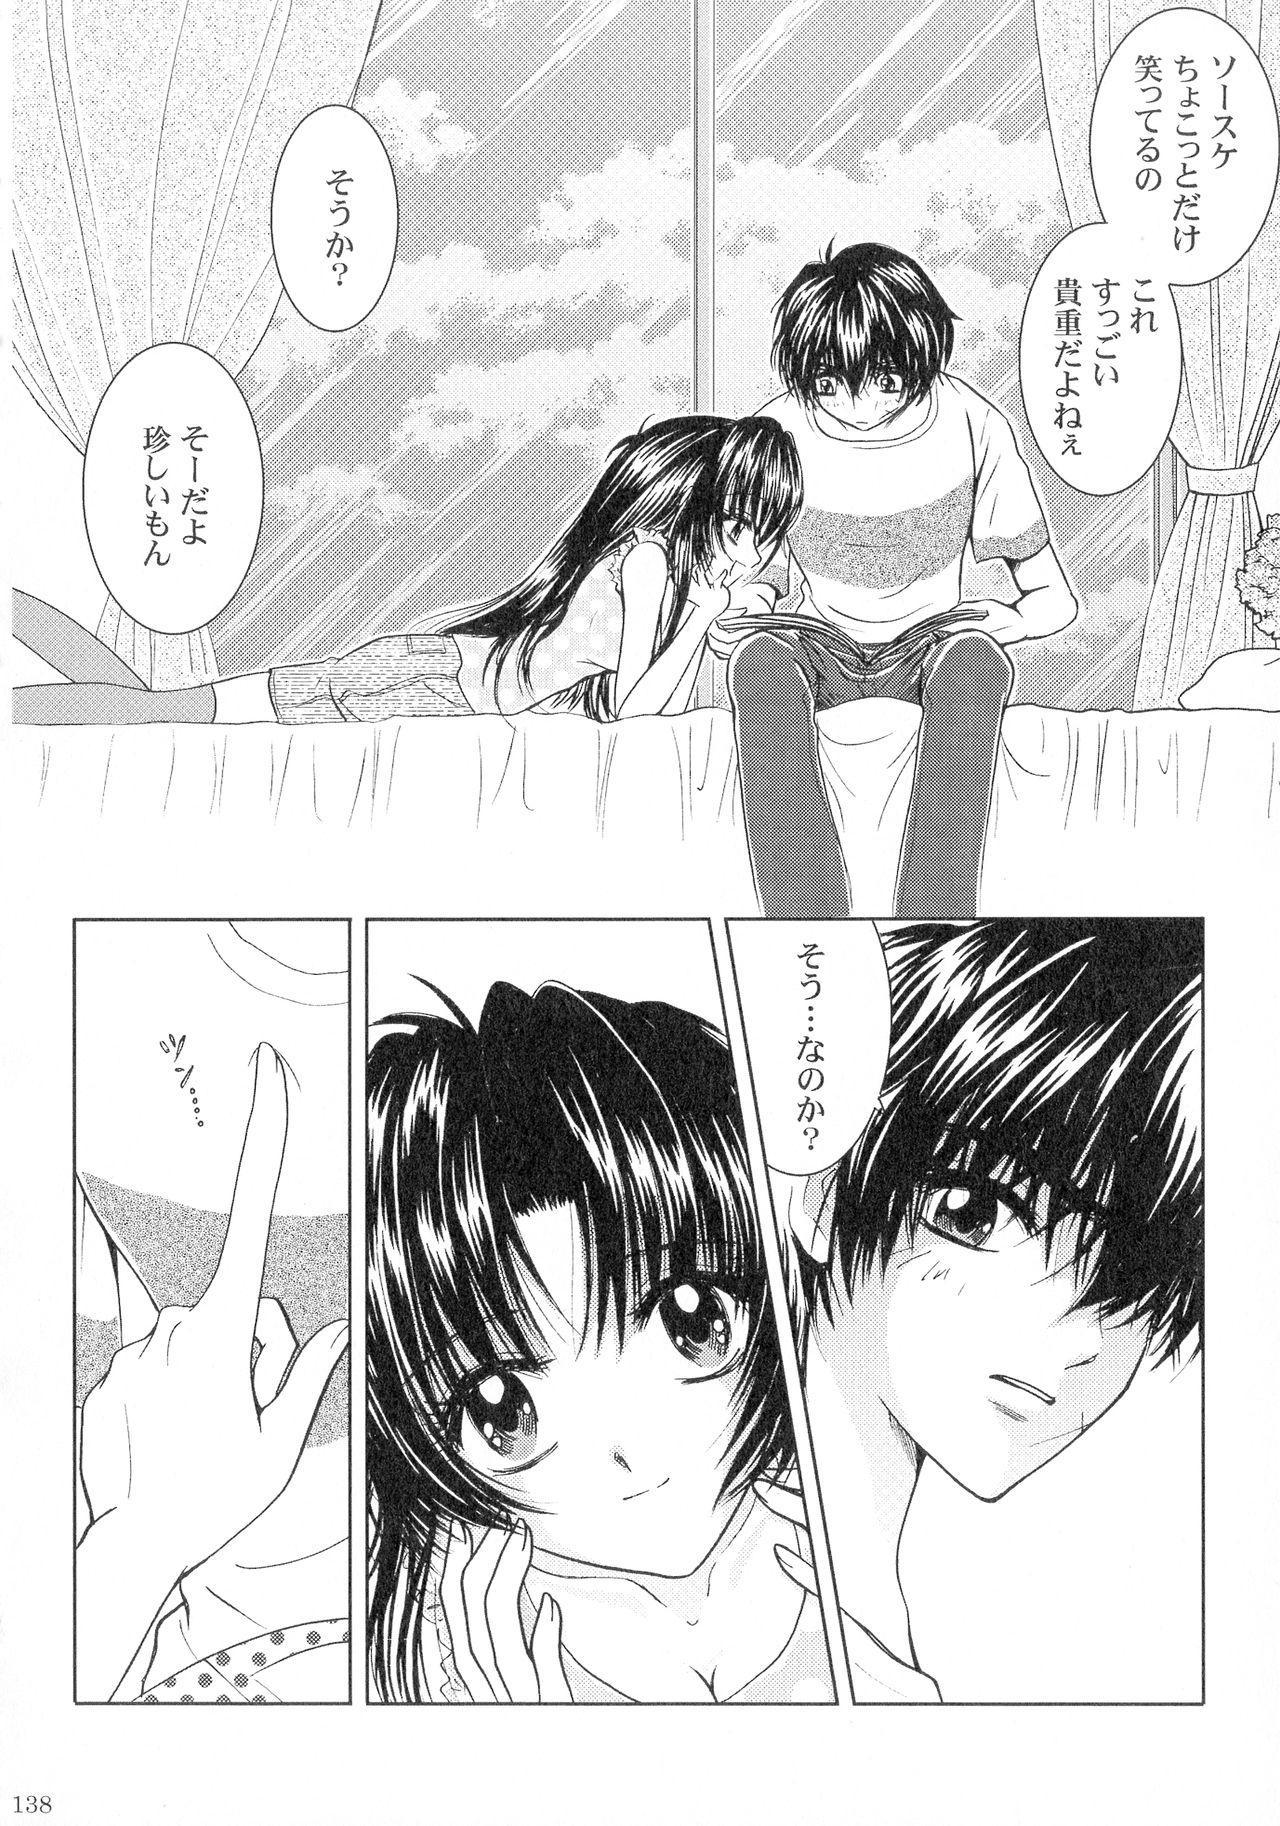 SEXY PANIC Sairoku-shuu VOL.3 136